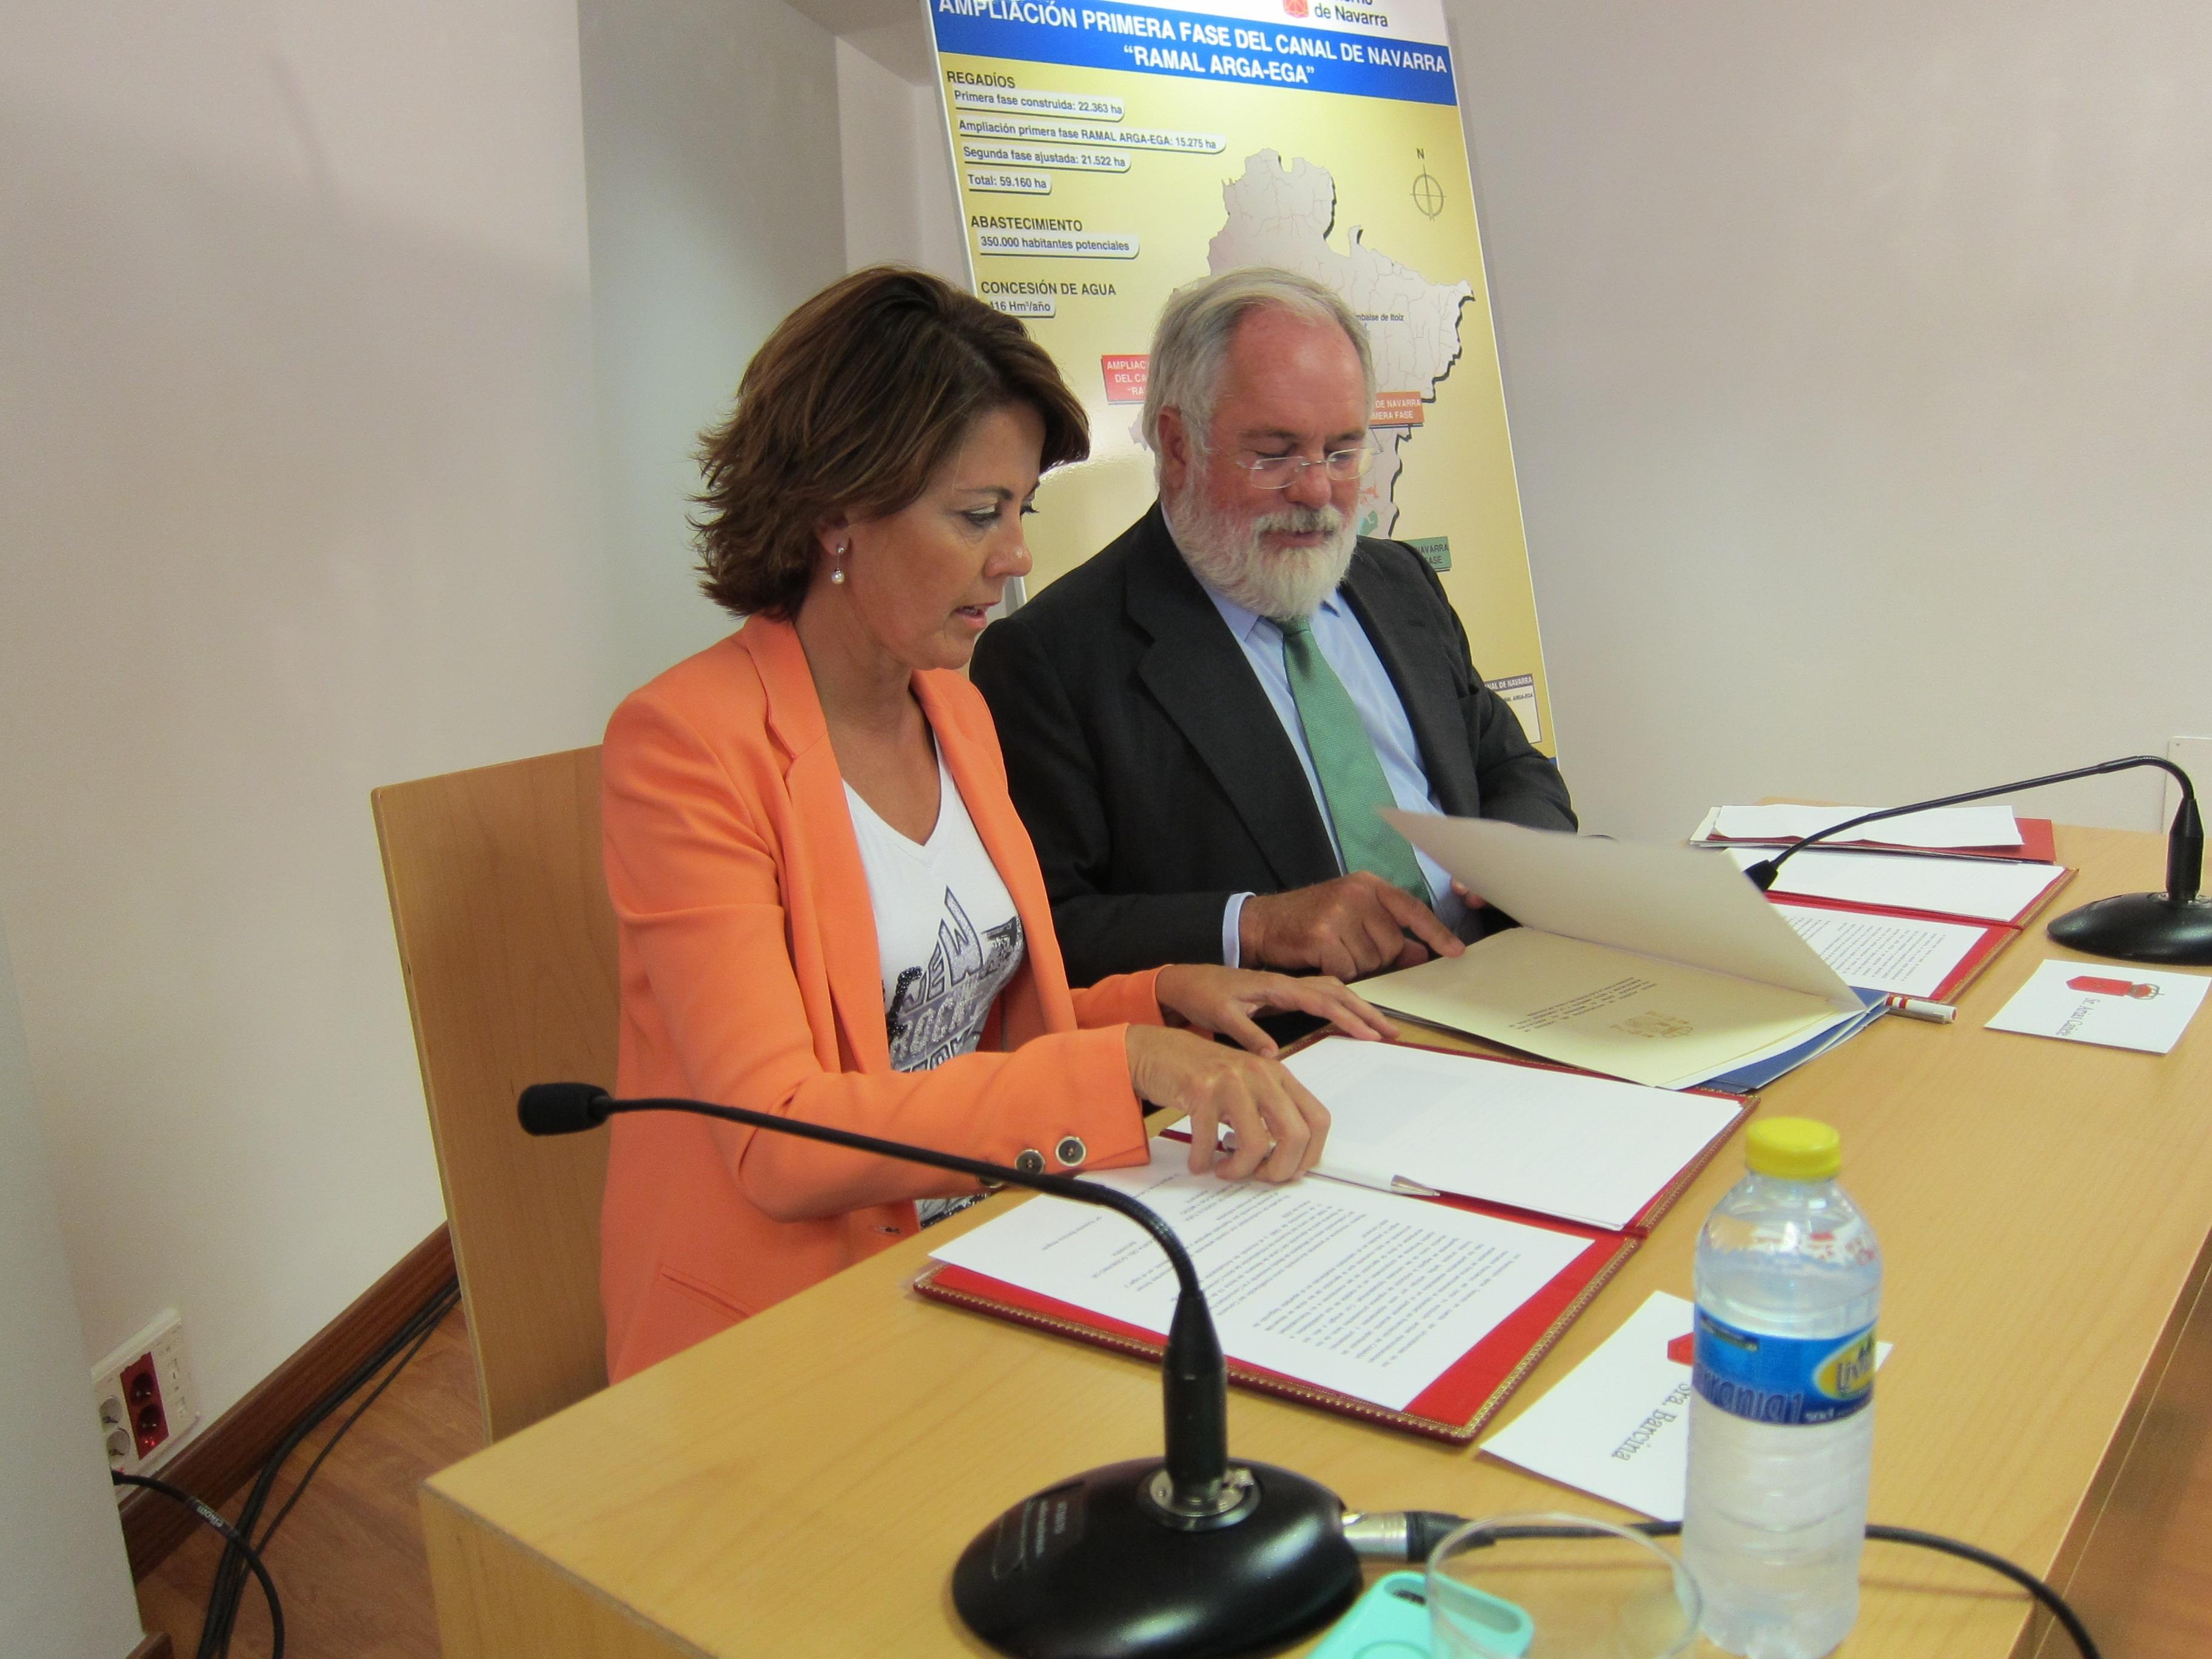 Navarra y el Estado firman la actualización del convenio para la ampliación de la primera fase del Canal de Navarra